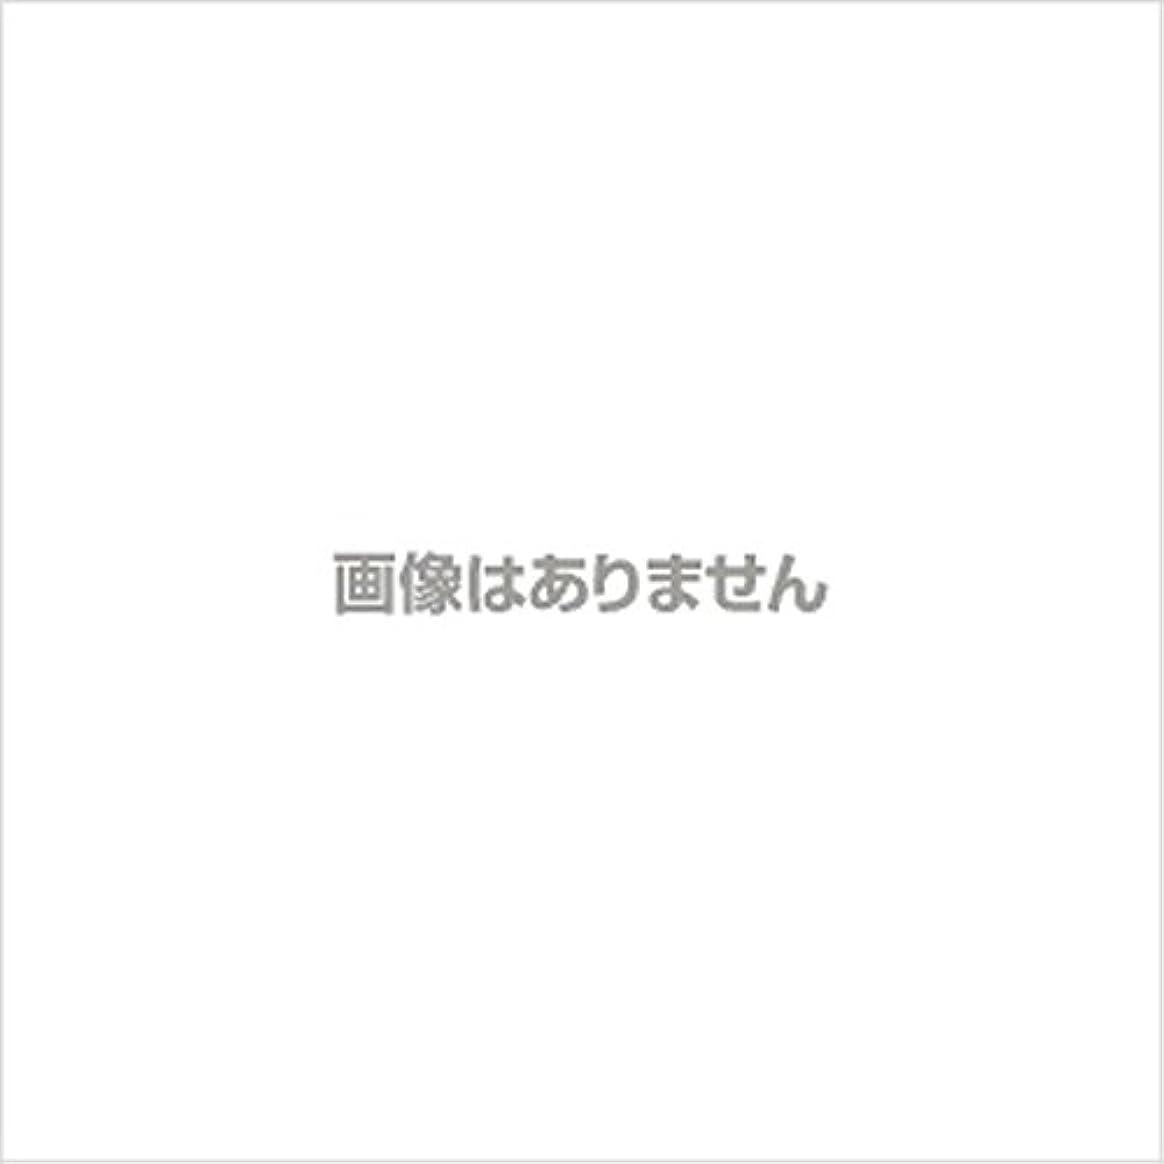 センター参加者貪欲プラスチックグローブNO.3000 S